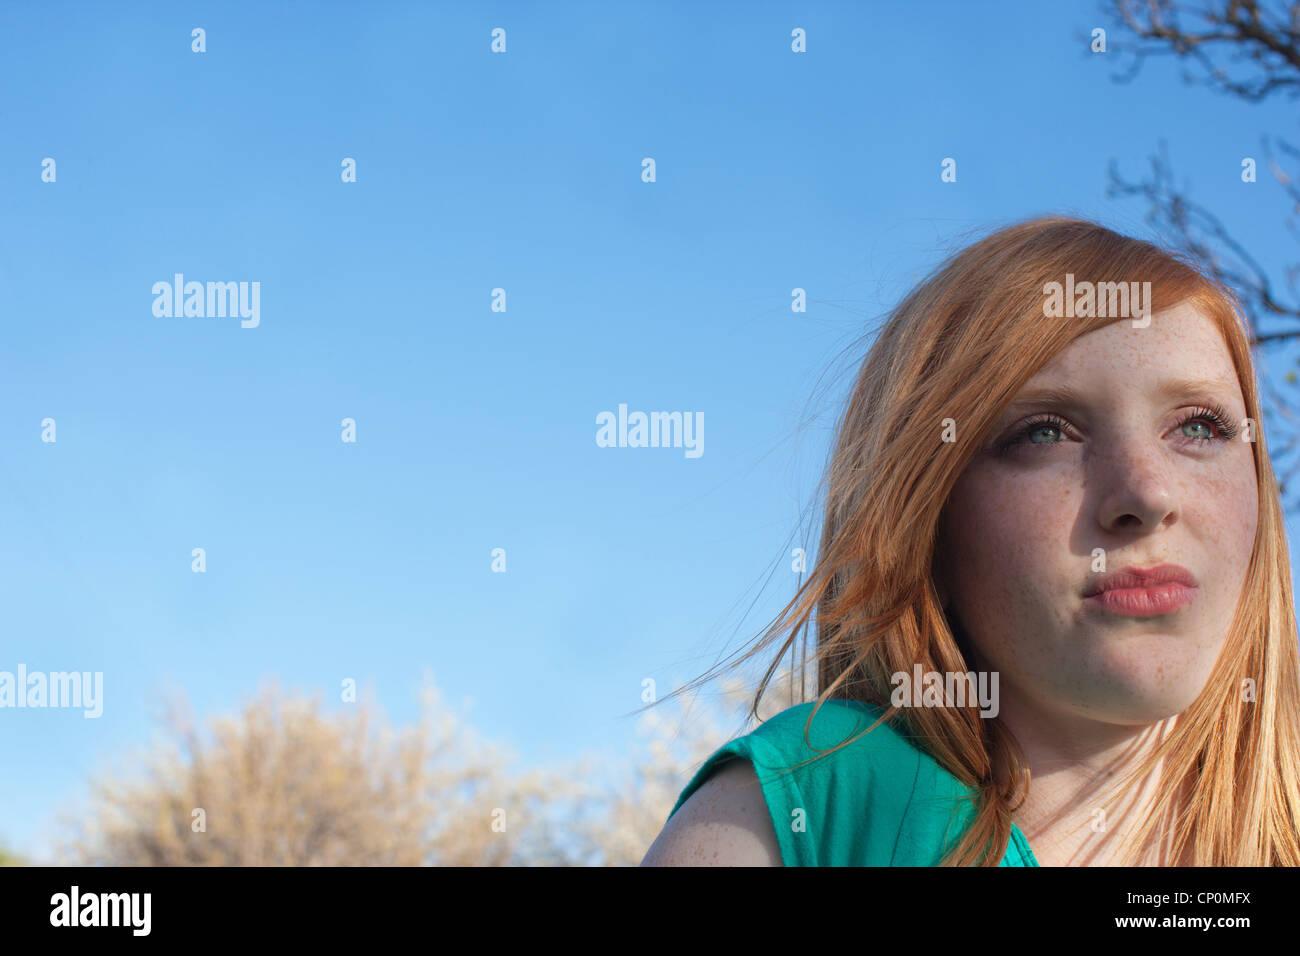 16 Jahre alten Mädchen sitzen im Freien eine Spiel beobachten. Stockbild